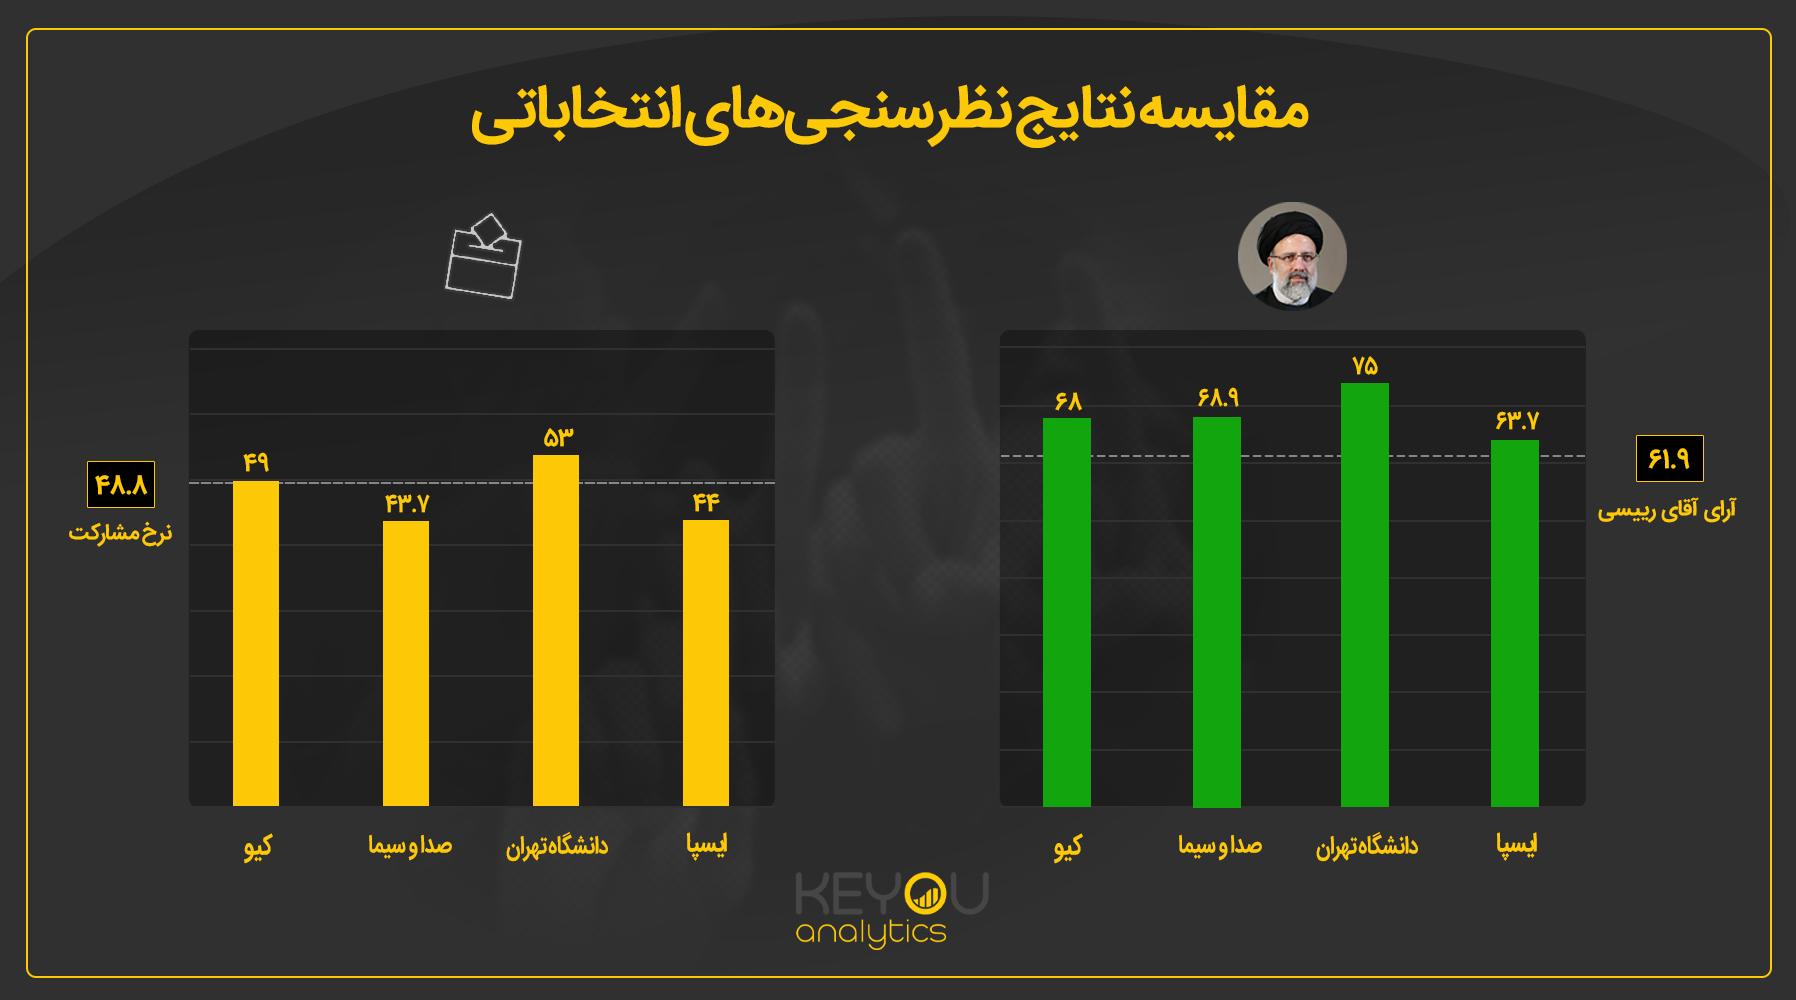 مقایسه نتایج نظرسنجیهای انتخاباتی